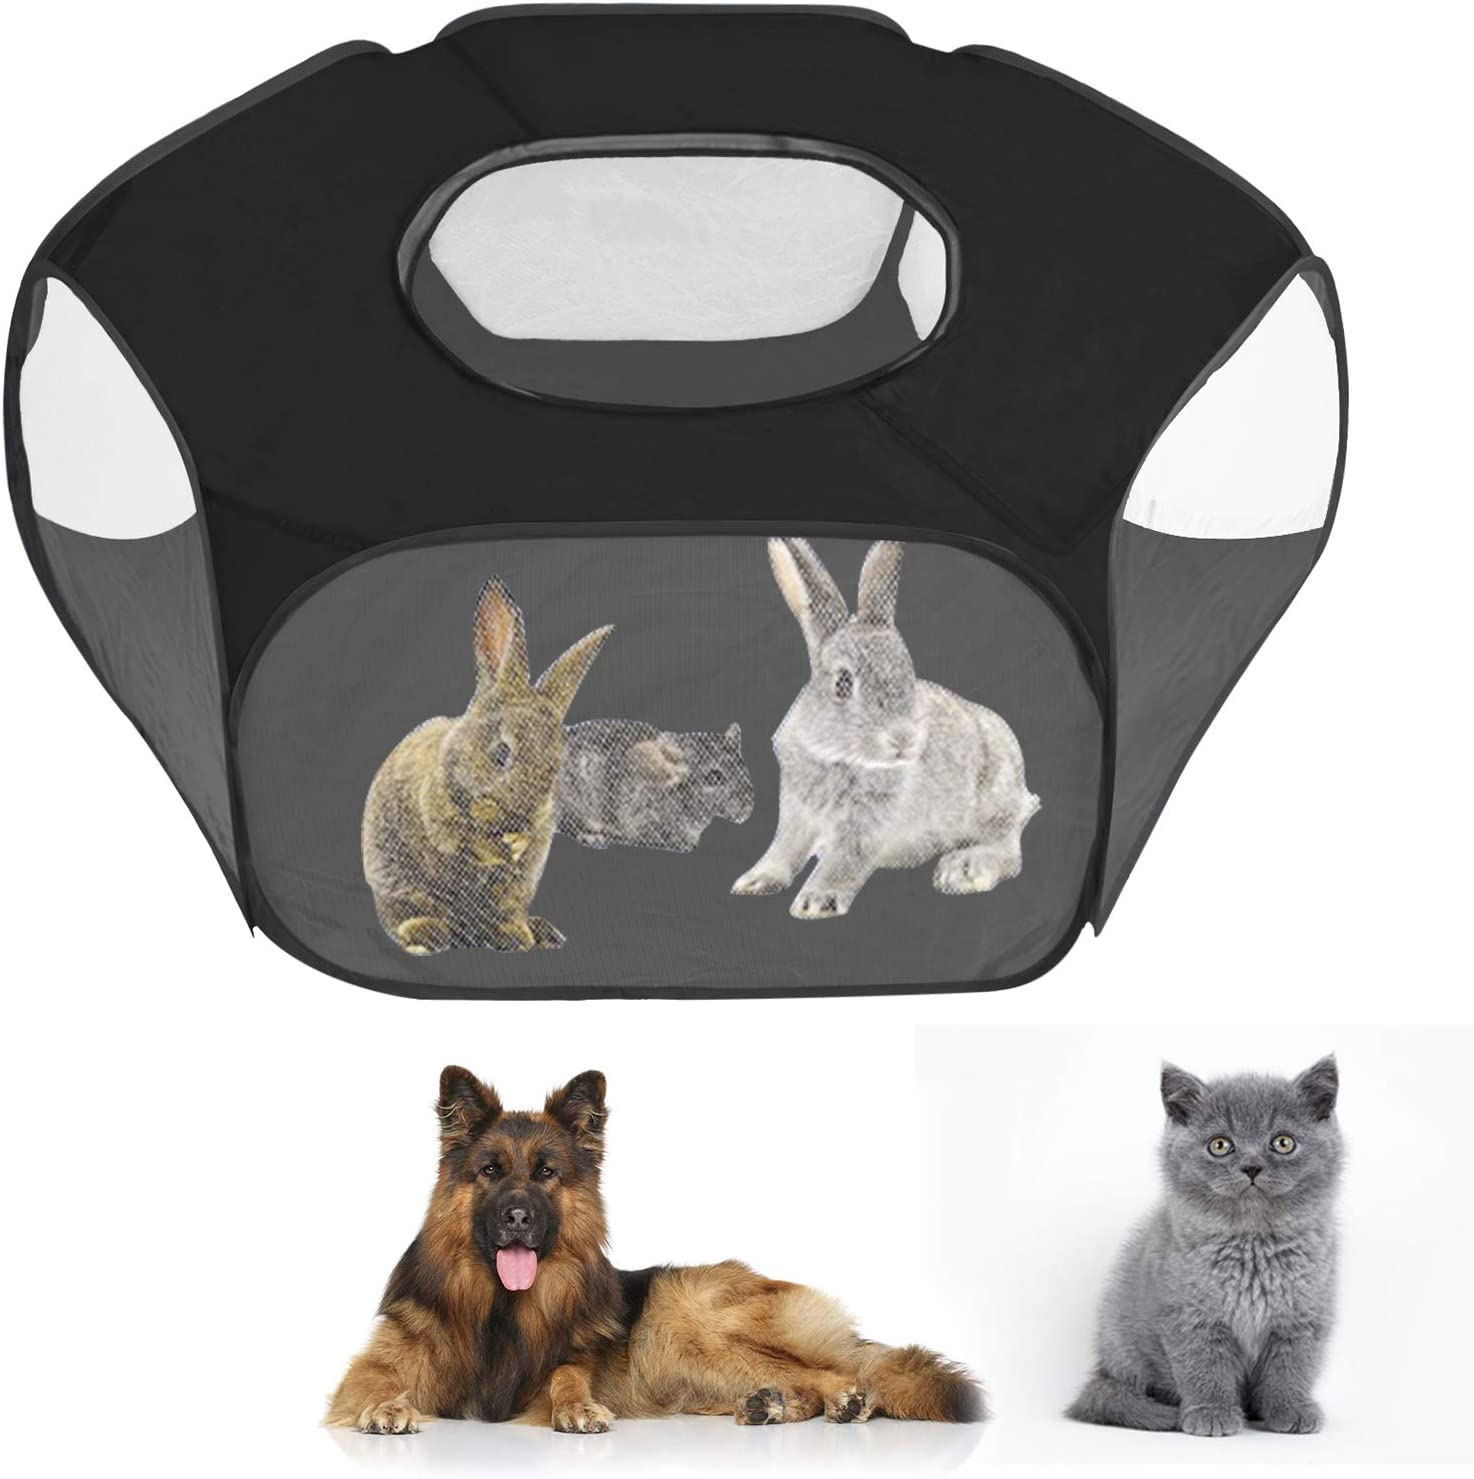 YJZQ - Tienda de campaña para animales pequeños y animales de viaje, barrera de forma parque con tapa superior para jugar, jaula de tela para erizo, conejo, hámster